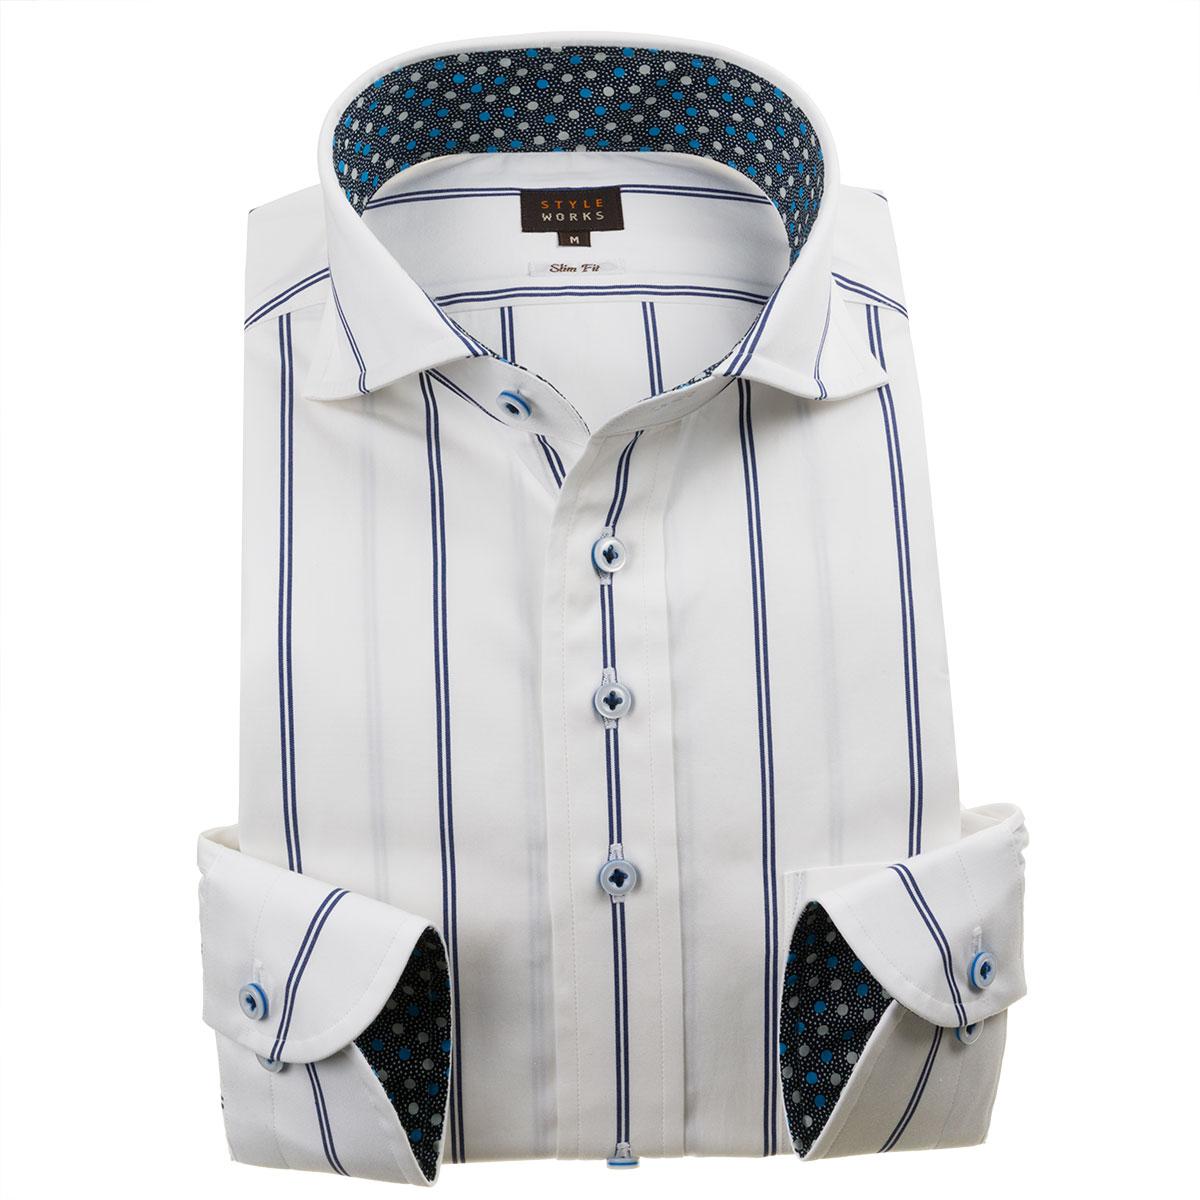 ドレスシャツ ワイシャツ シャツ メンズ 国産 長袖 綿100% スリムフィット カッタウェイワイド ダブルストライプ ホワイト ネイビー【Sサイズ・裄丈81cm】